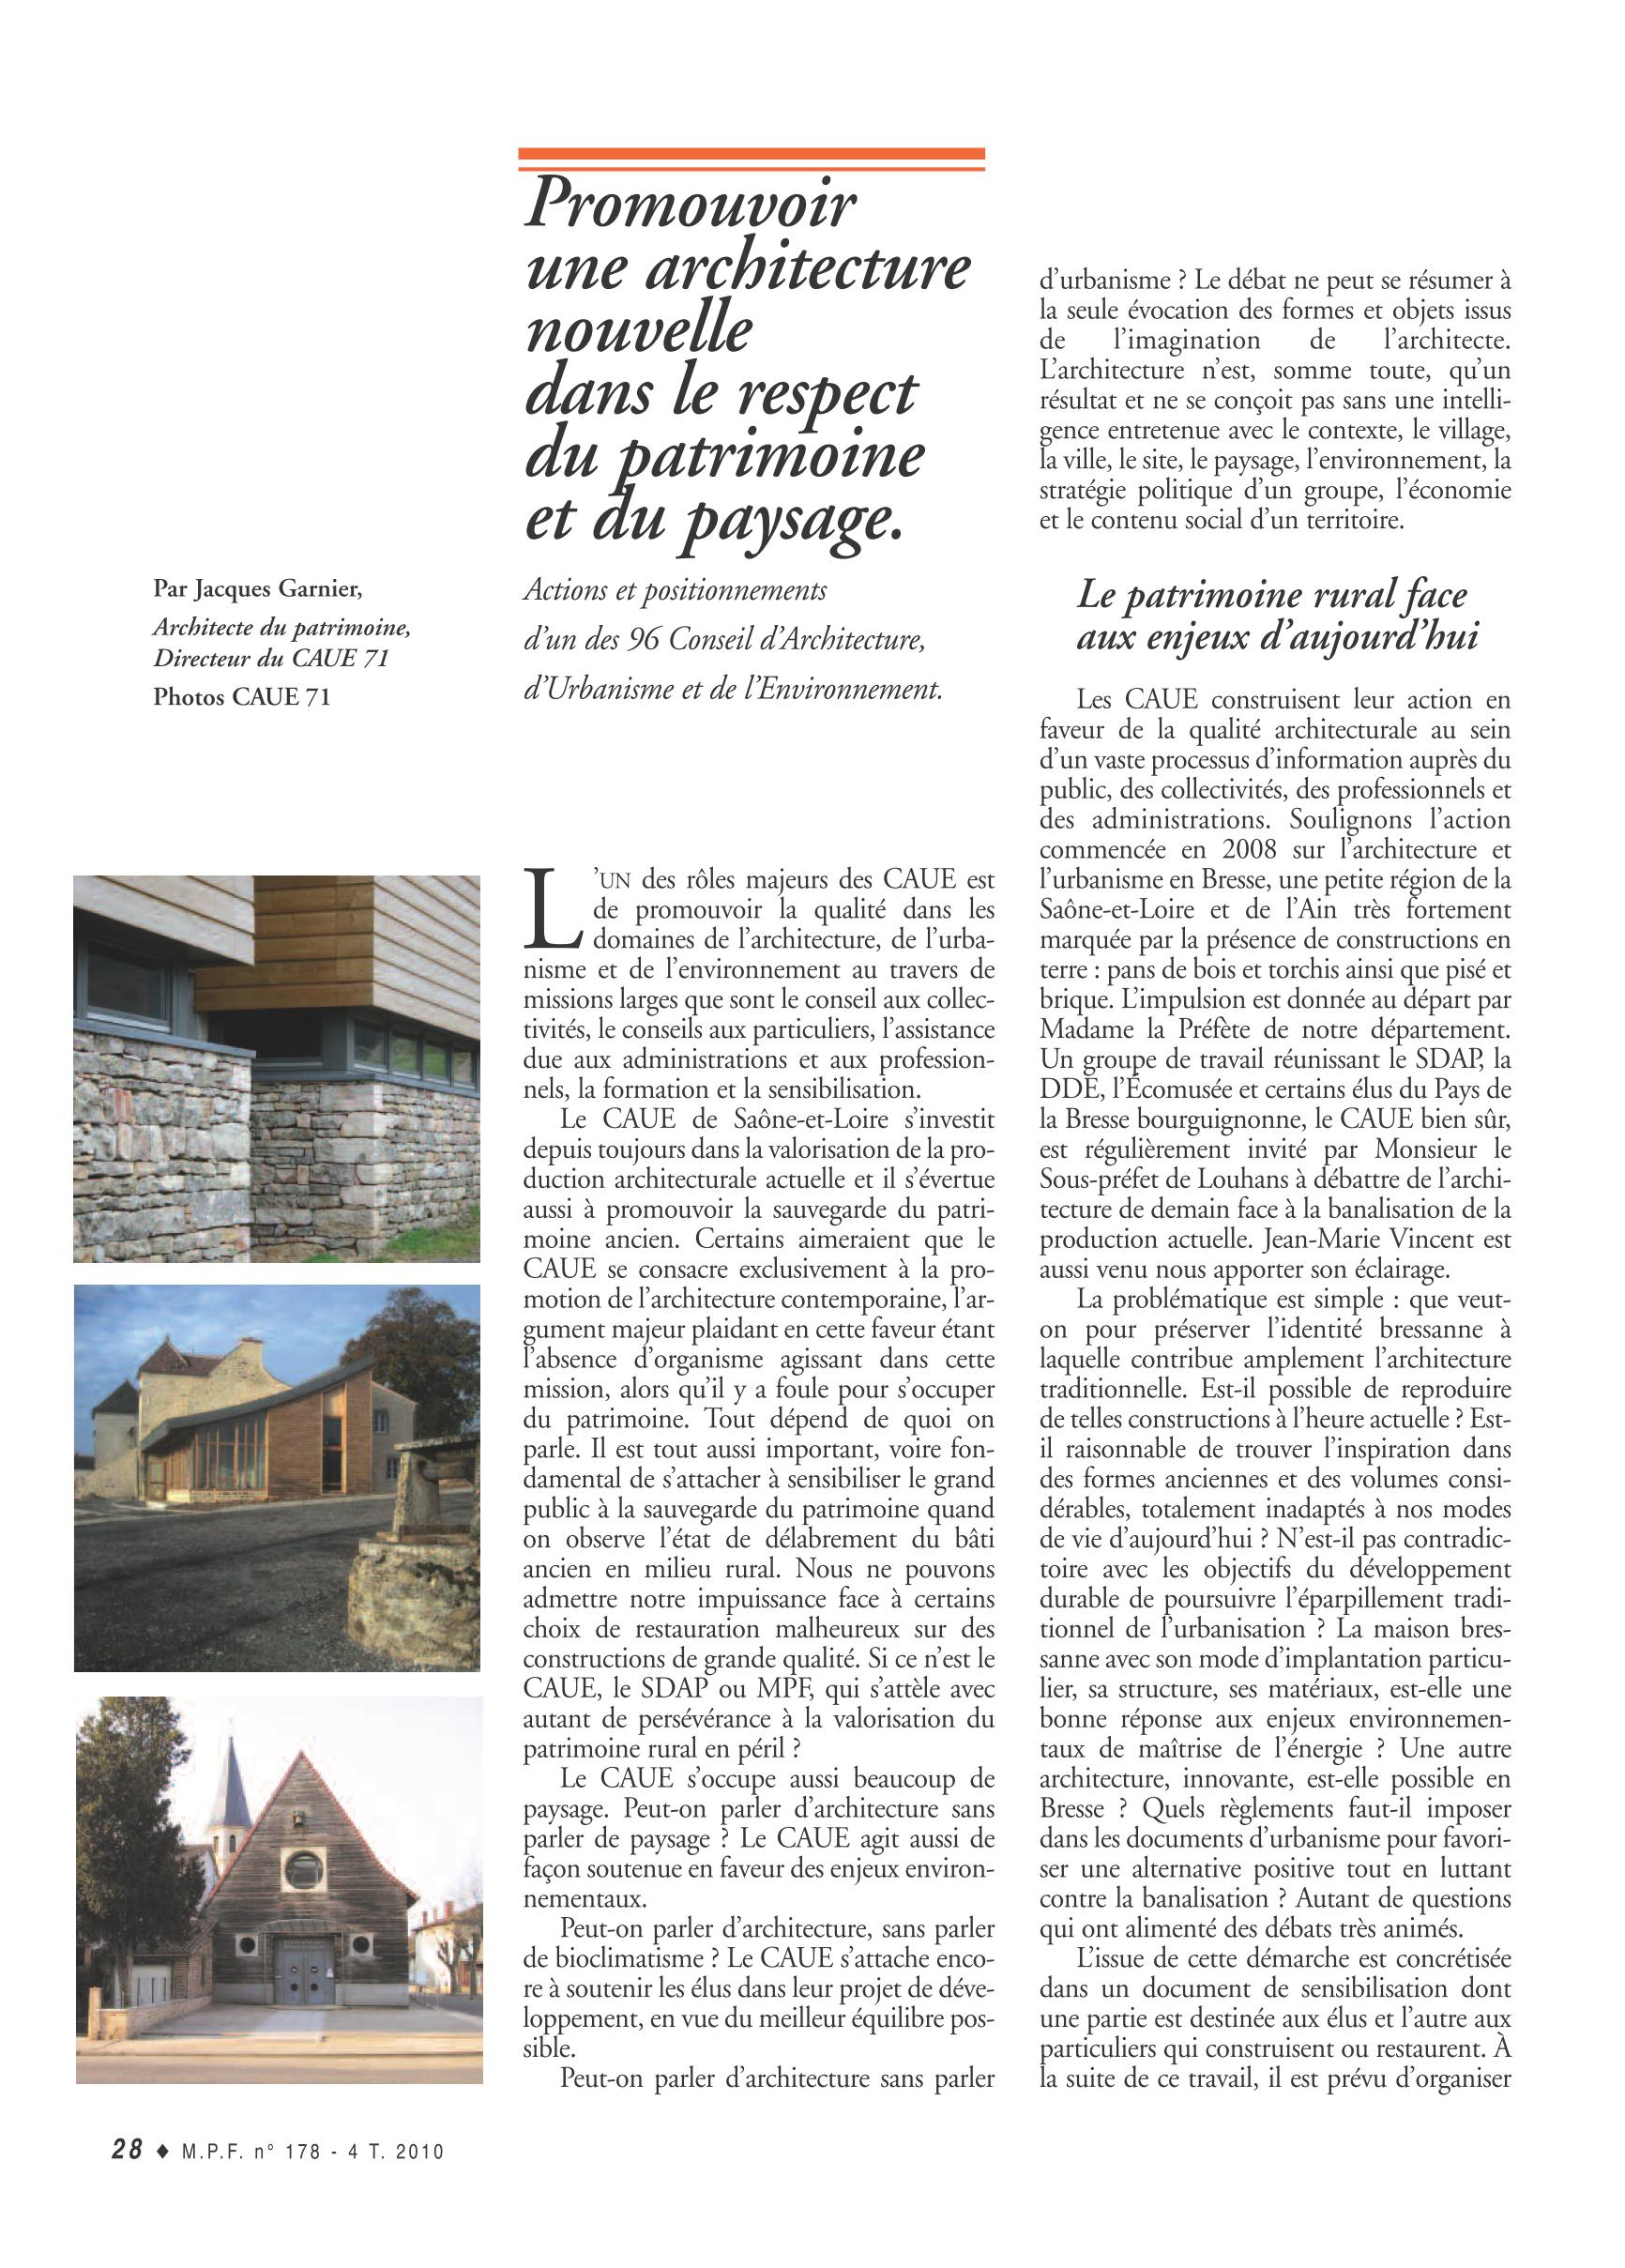 Maisons paysanes de france 178_01